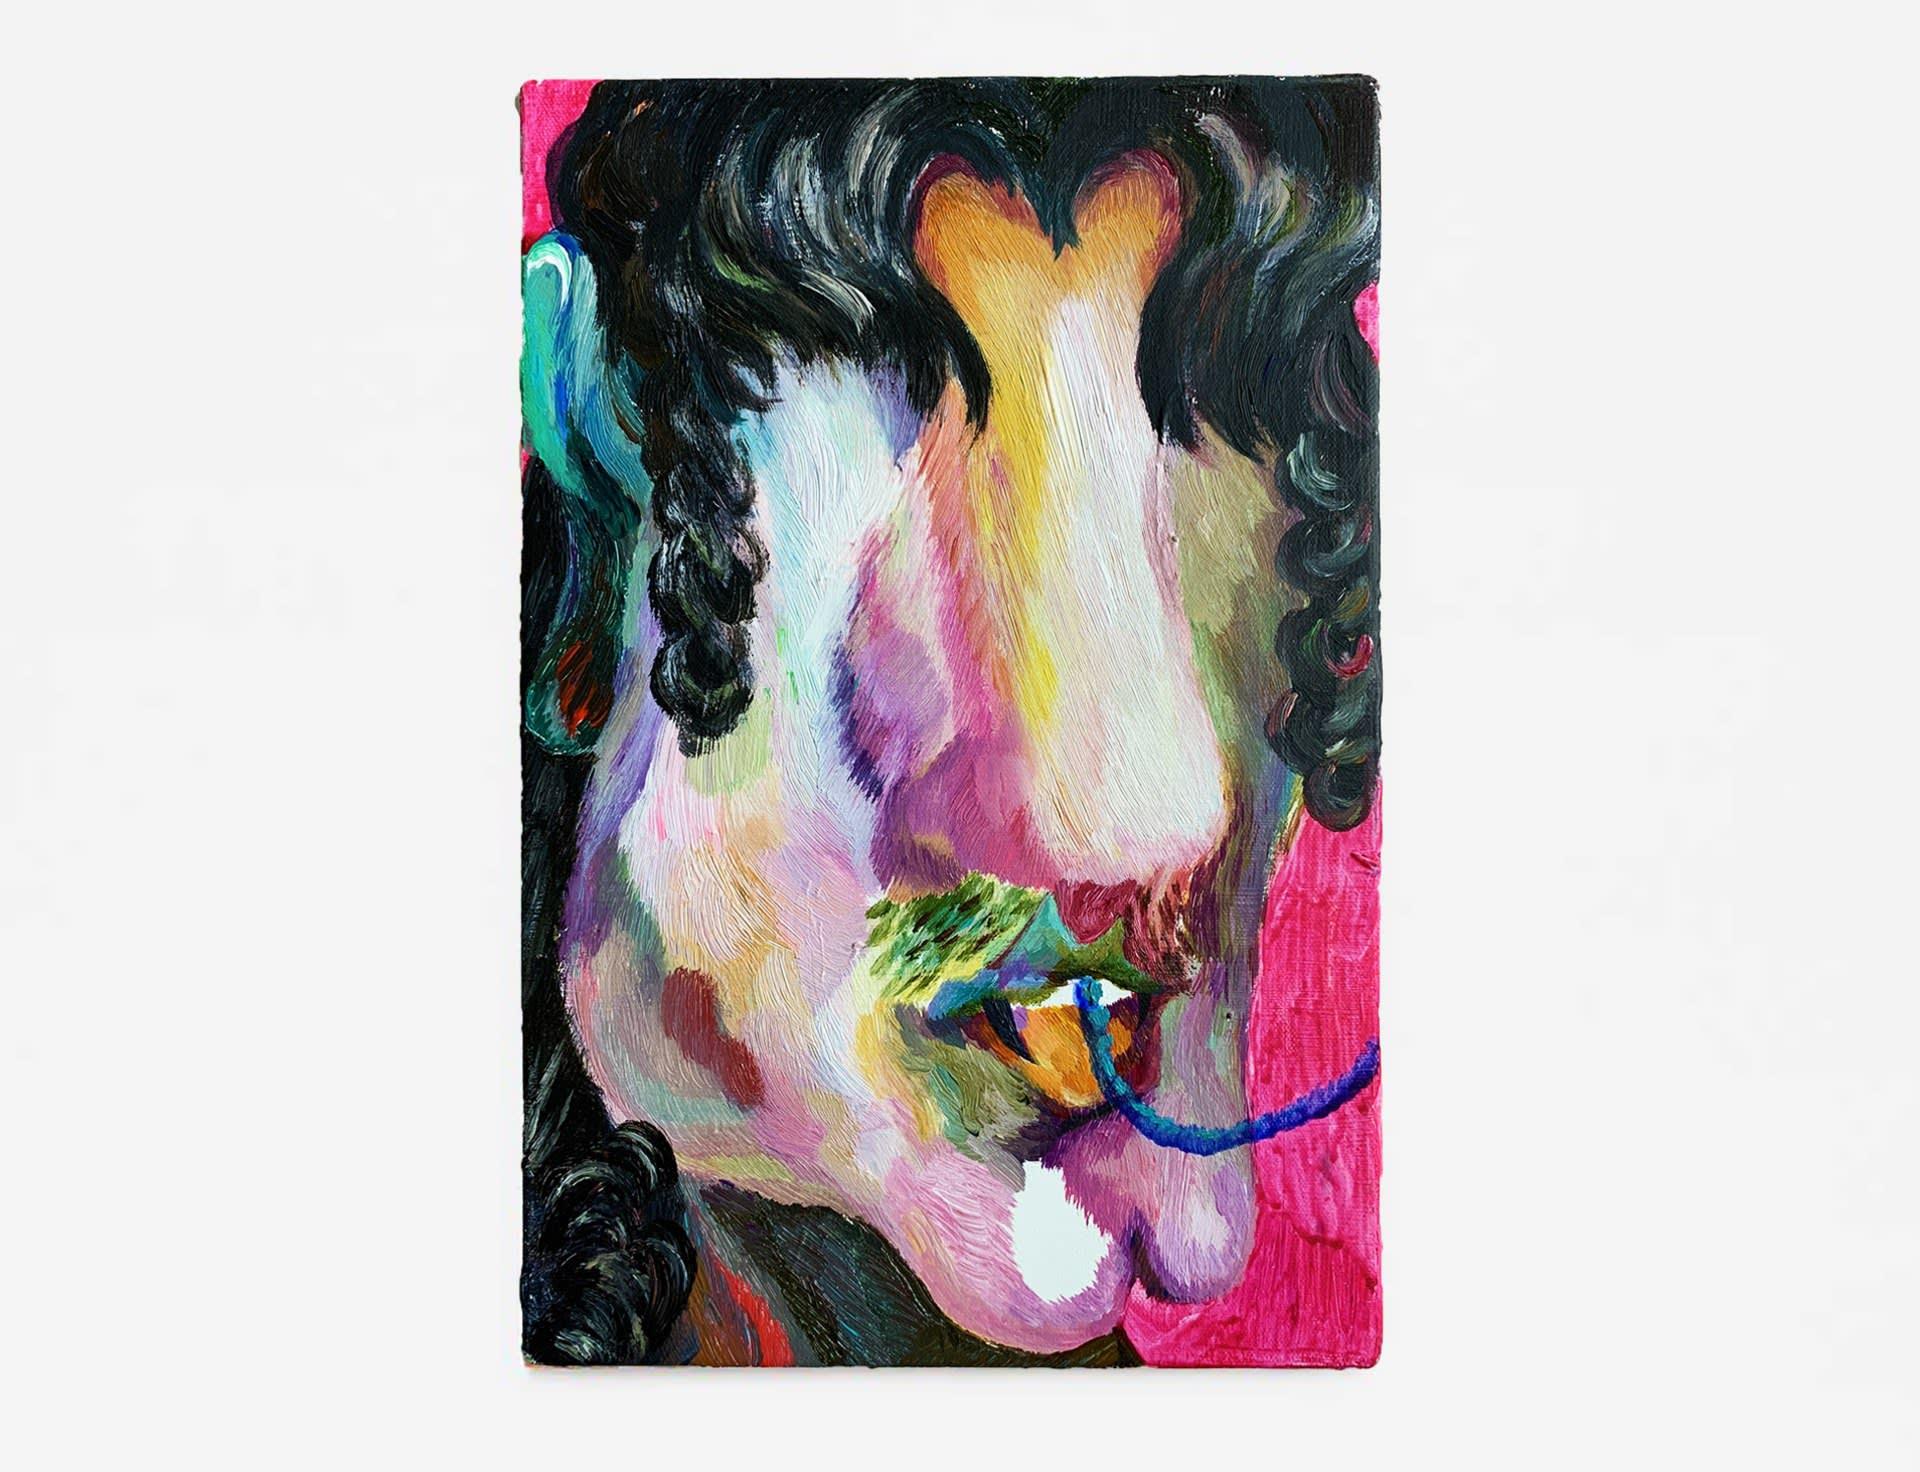 #missuuuuu, 2020, acrylic on canvas, 30 x 20 cm